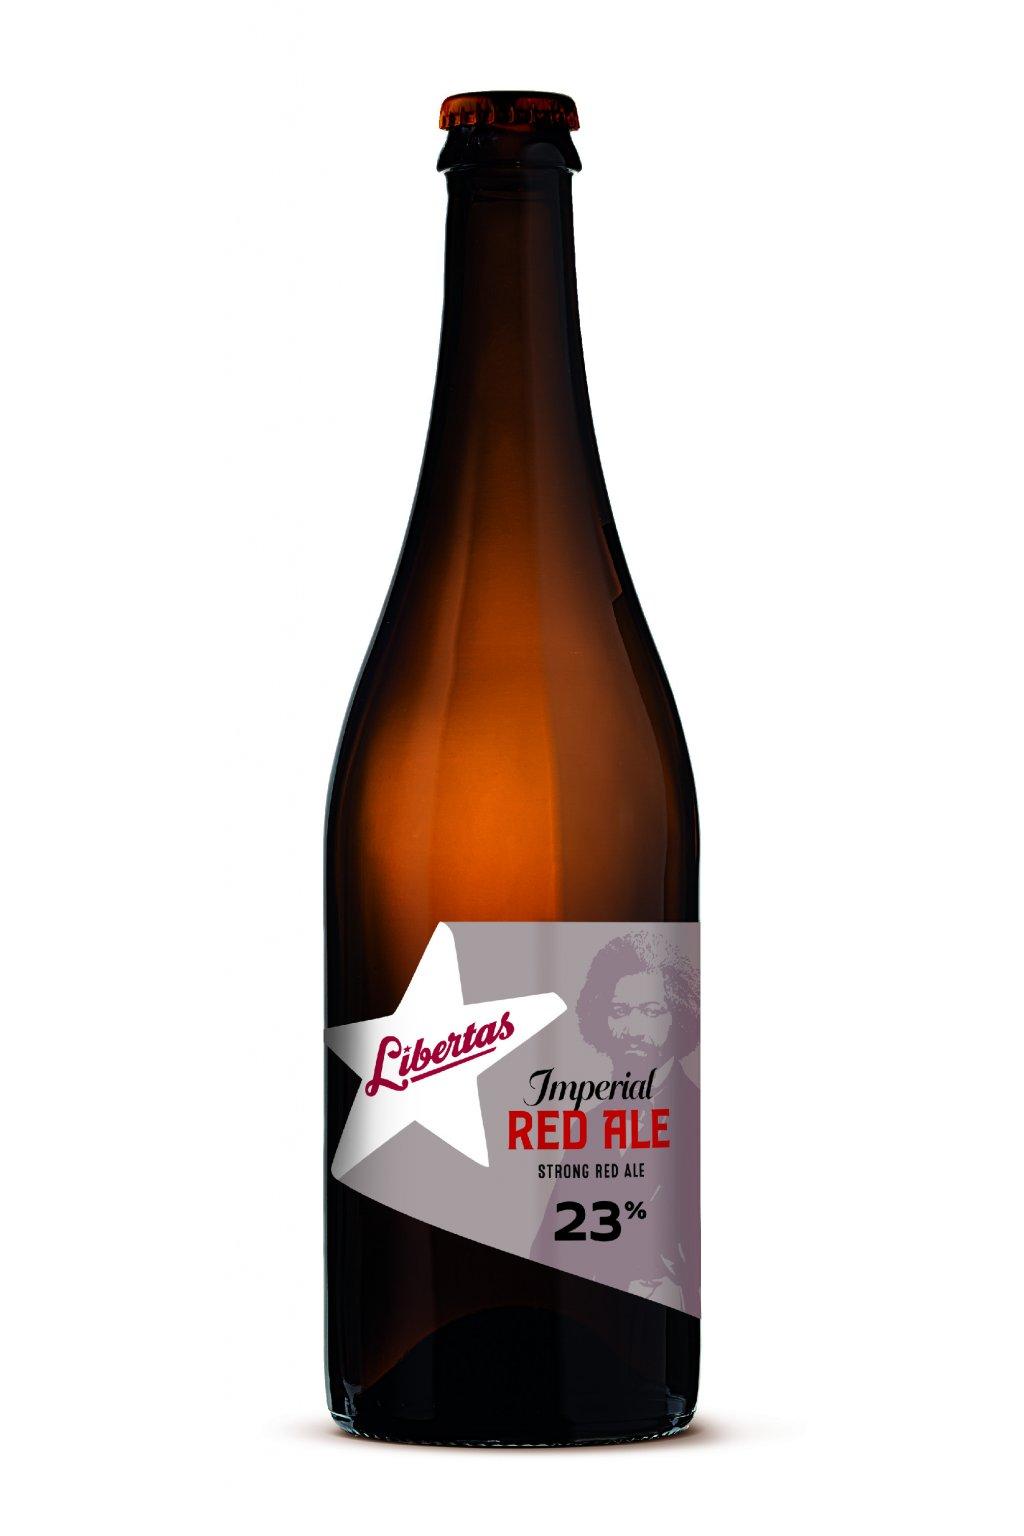 LBT009 01 v01 label Imperial Red Ale 23 procent CMYK 300dpi